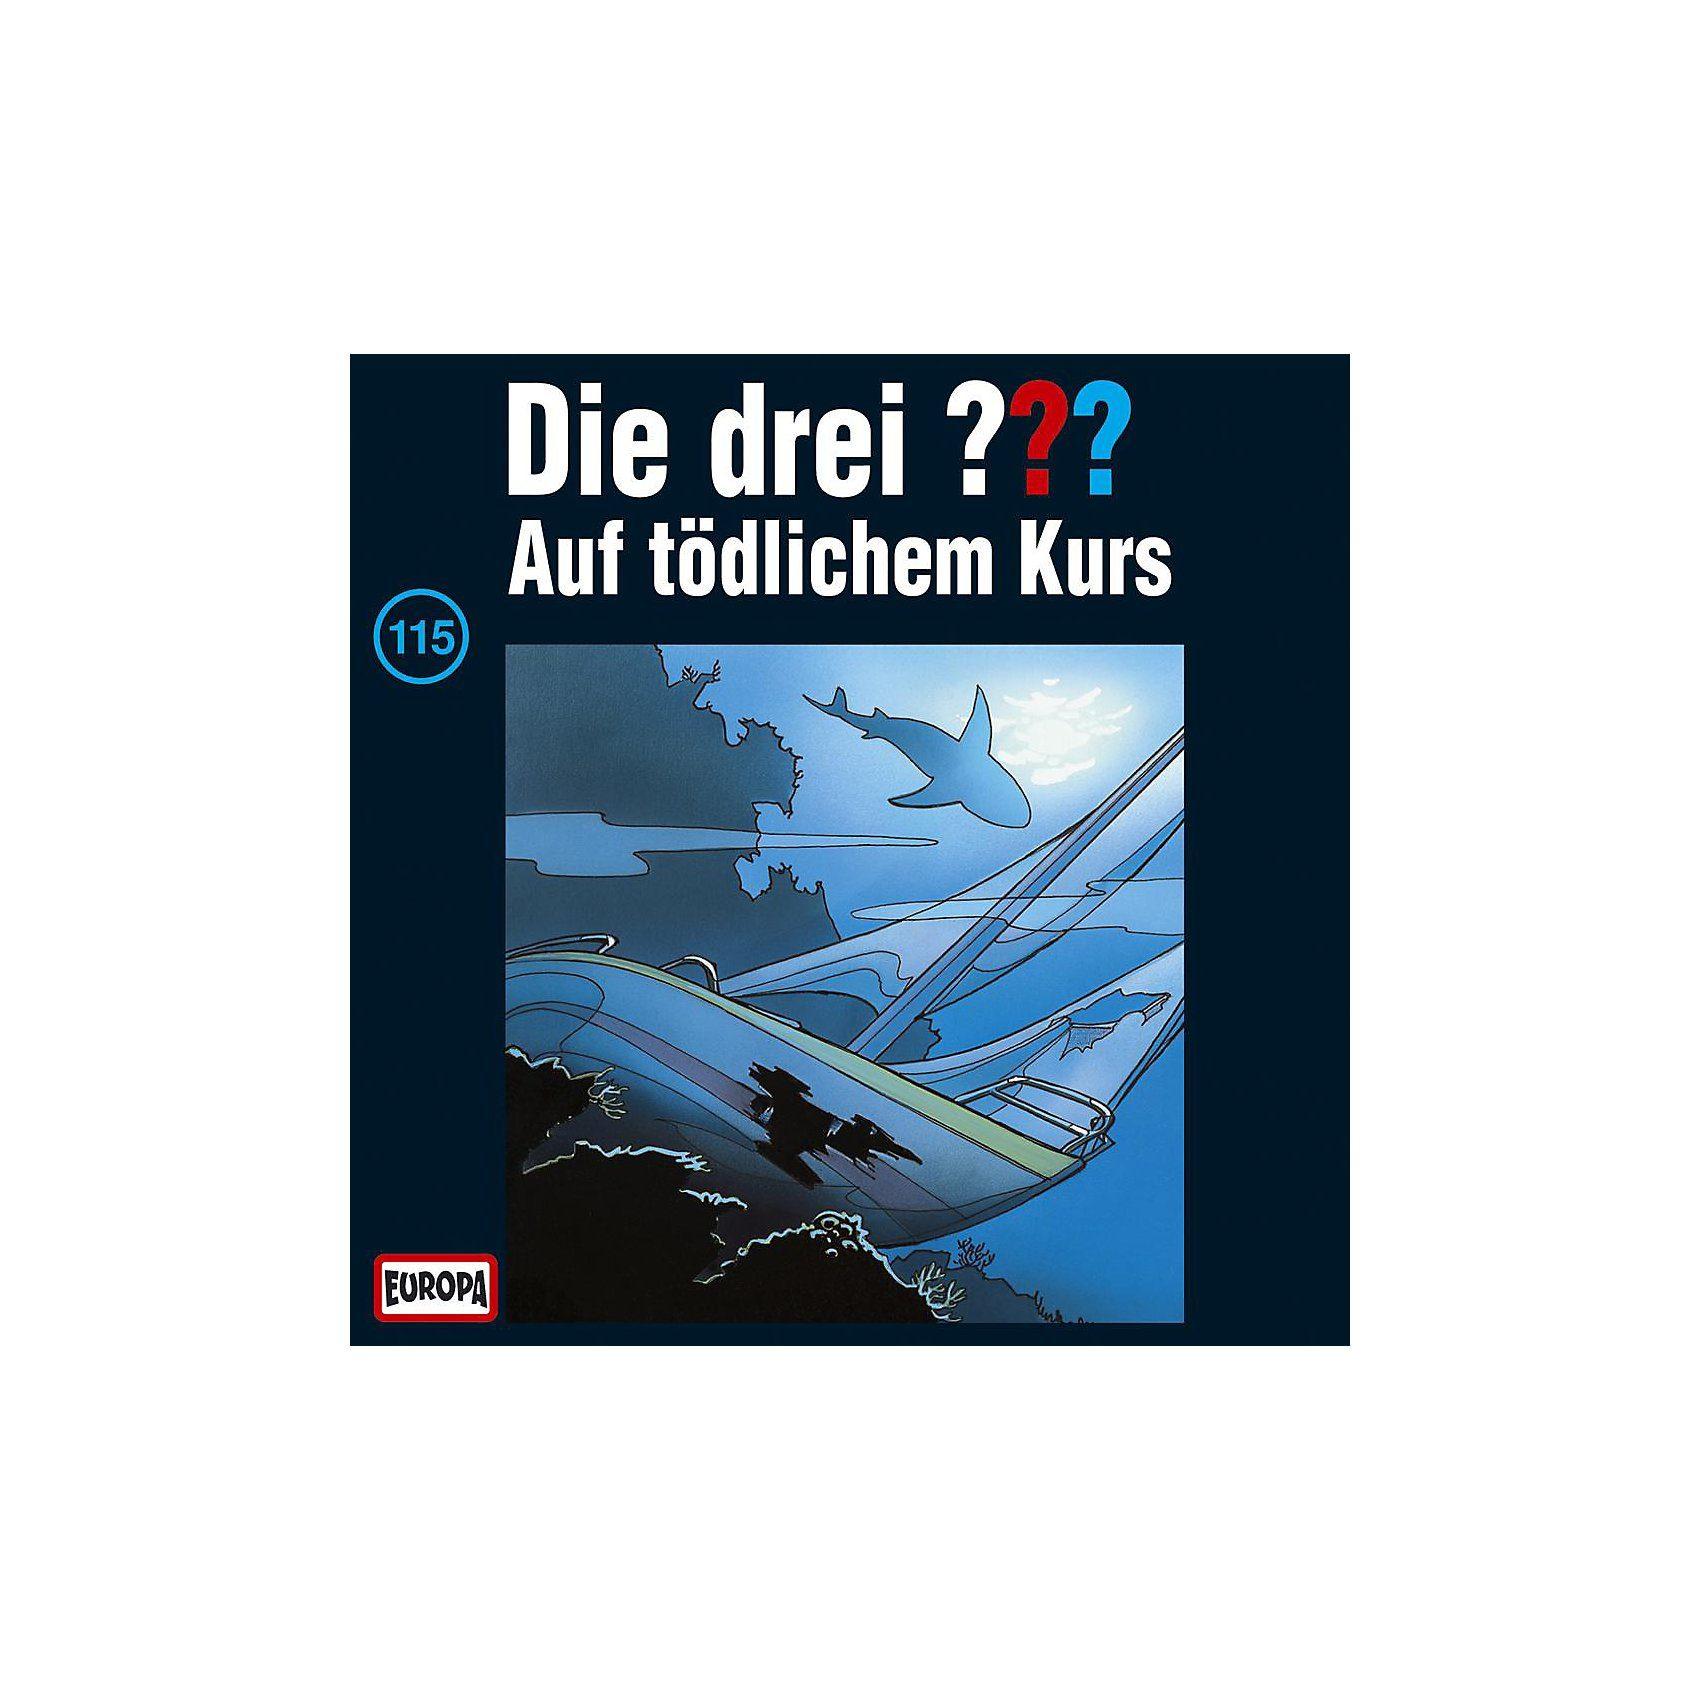 SONY BMG MUSIC CD Die drei ??? 115 (auf tödlichem Kurs)